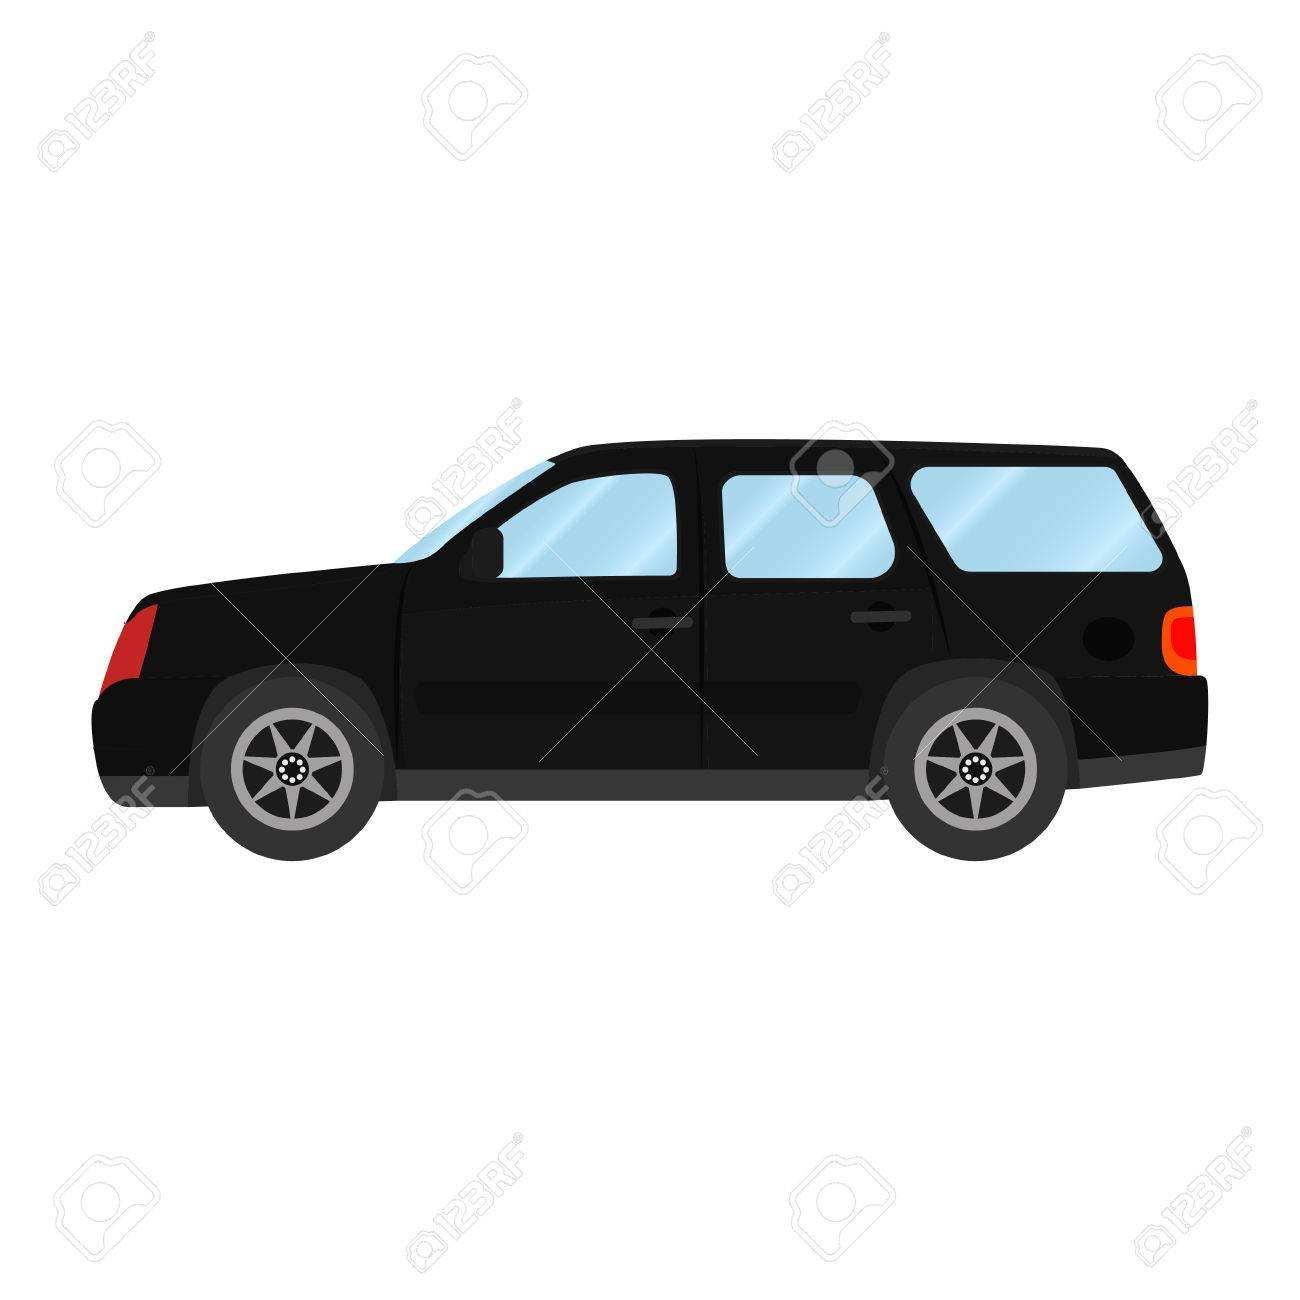 Auto Vektor Vorlage Auf Weissem Hintergrund Lizenzfrei Nutzbare Vektorgrafiken Clip Arts Illustrationen Image 76434658